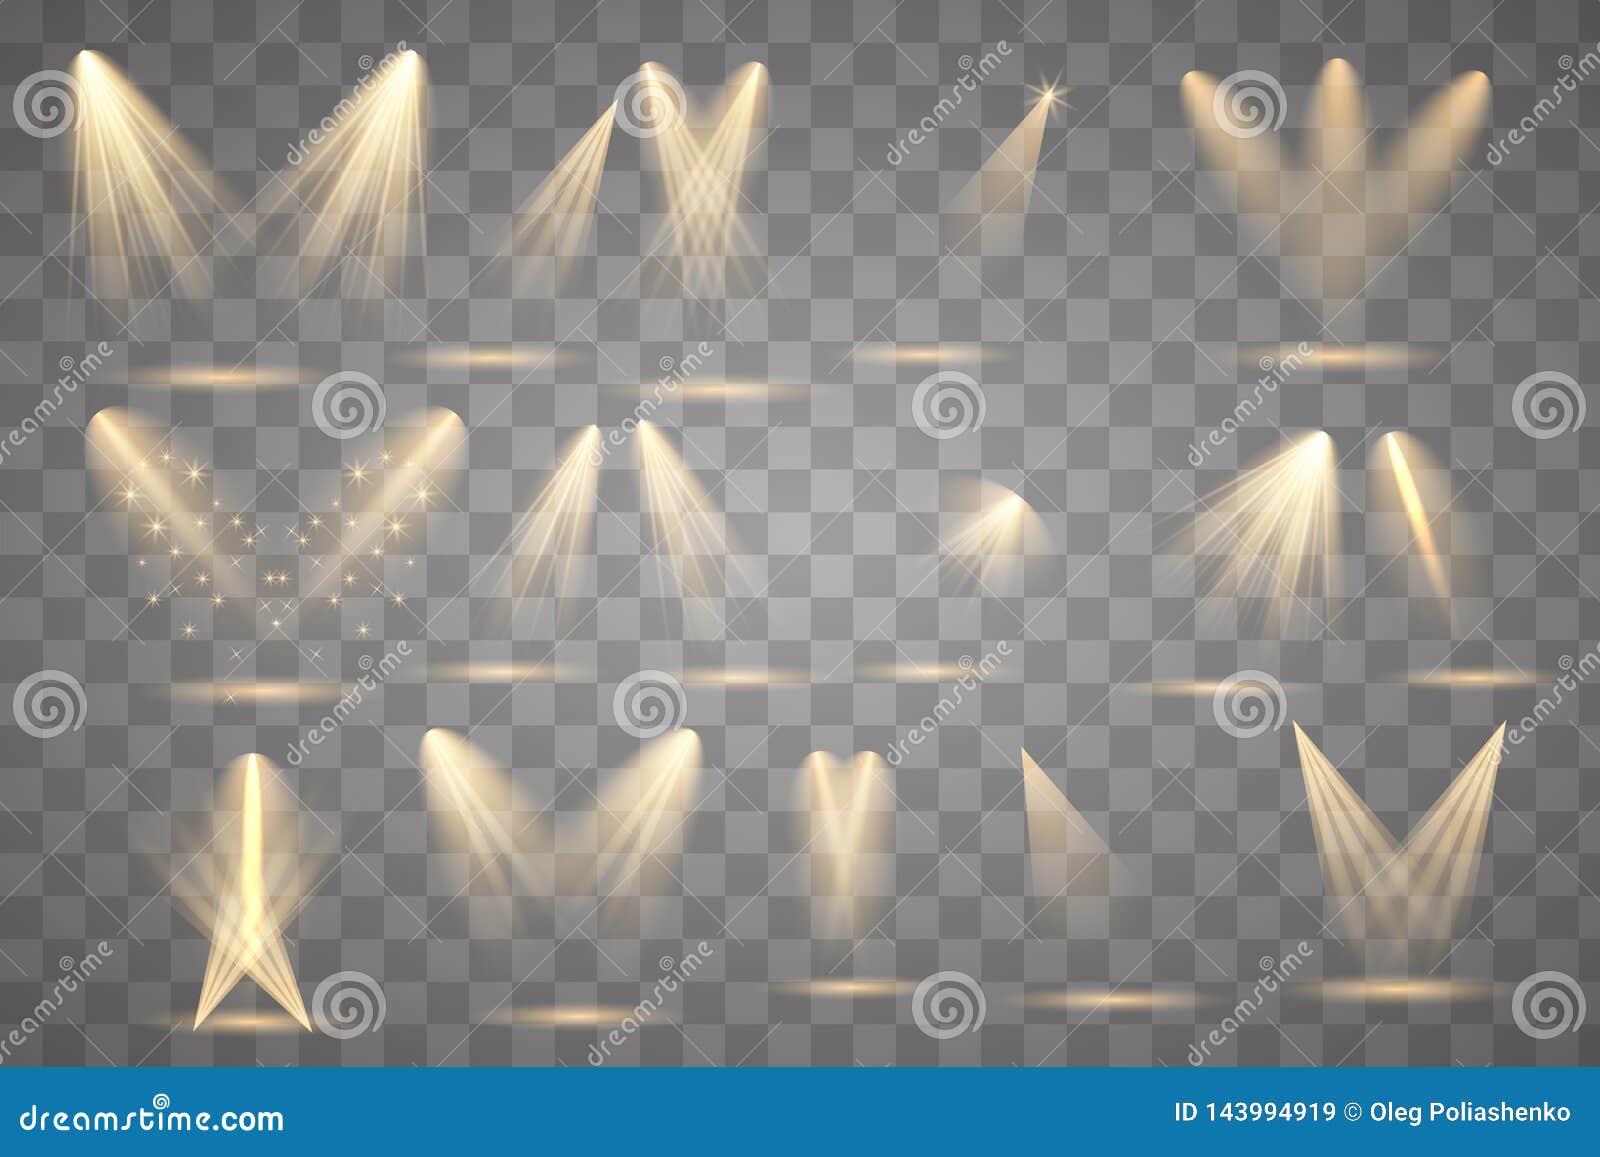 Ilumina??o brilhante com projetores